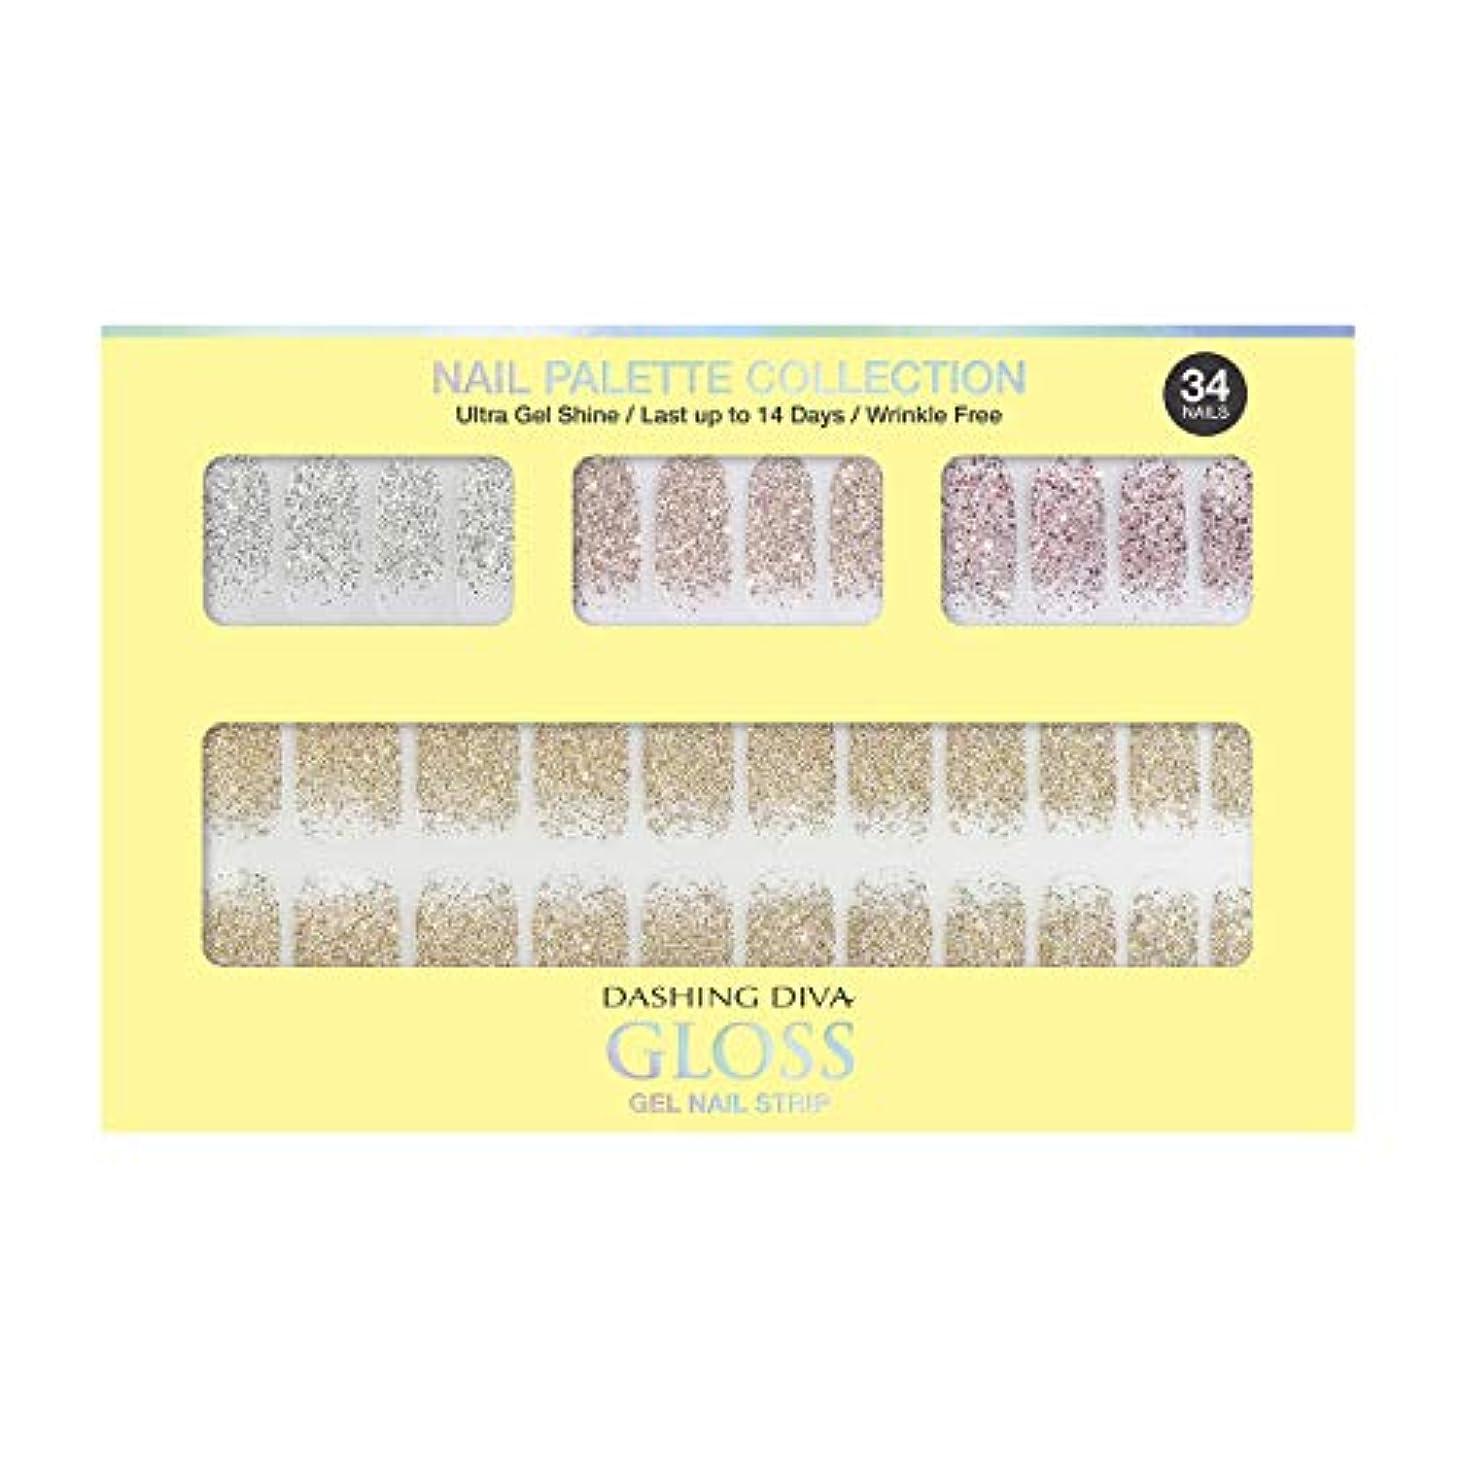 ダッシングディバ グロスジェル ネイルストリップ DASHING DIVA Gloss Gel Nail Strip DGNP07-DURY+ オリジナルジェル ネイルシール Lemon #07 Sparkling Powder